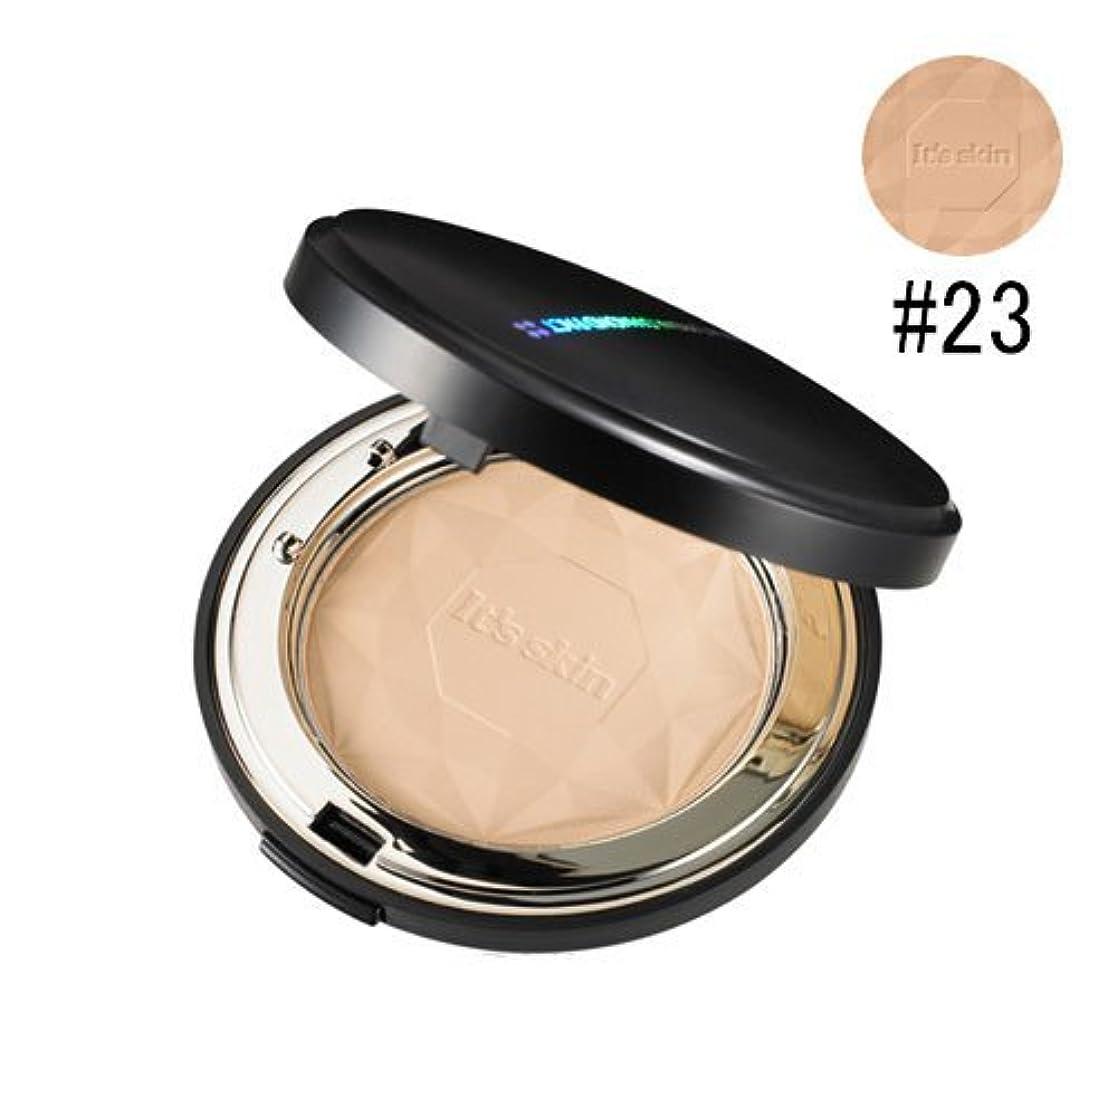 カメラ告発者オーロックIt's skin イッツスキン プリズマ ダイアモンドパクト SPF25 PA++# 23号ナチュラルベージュ